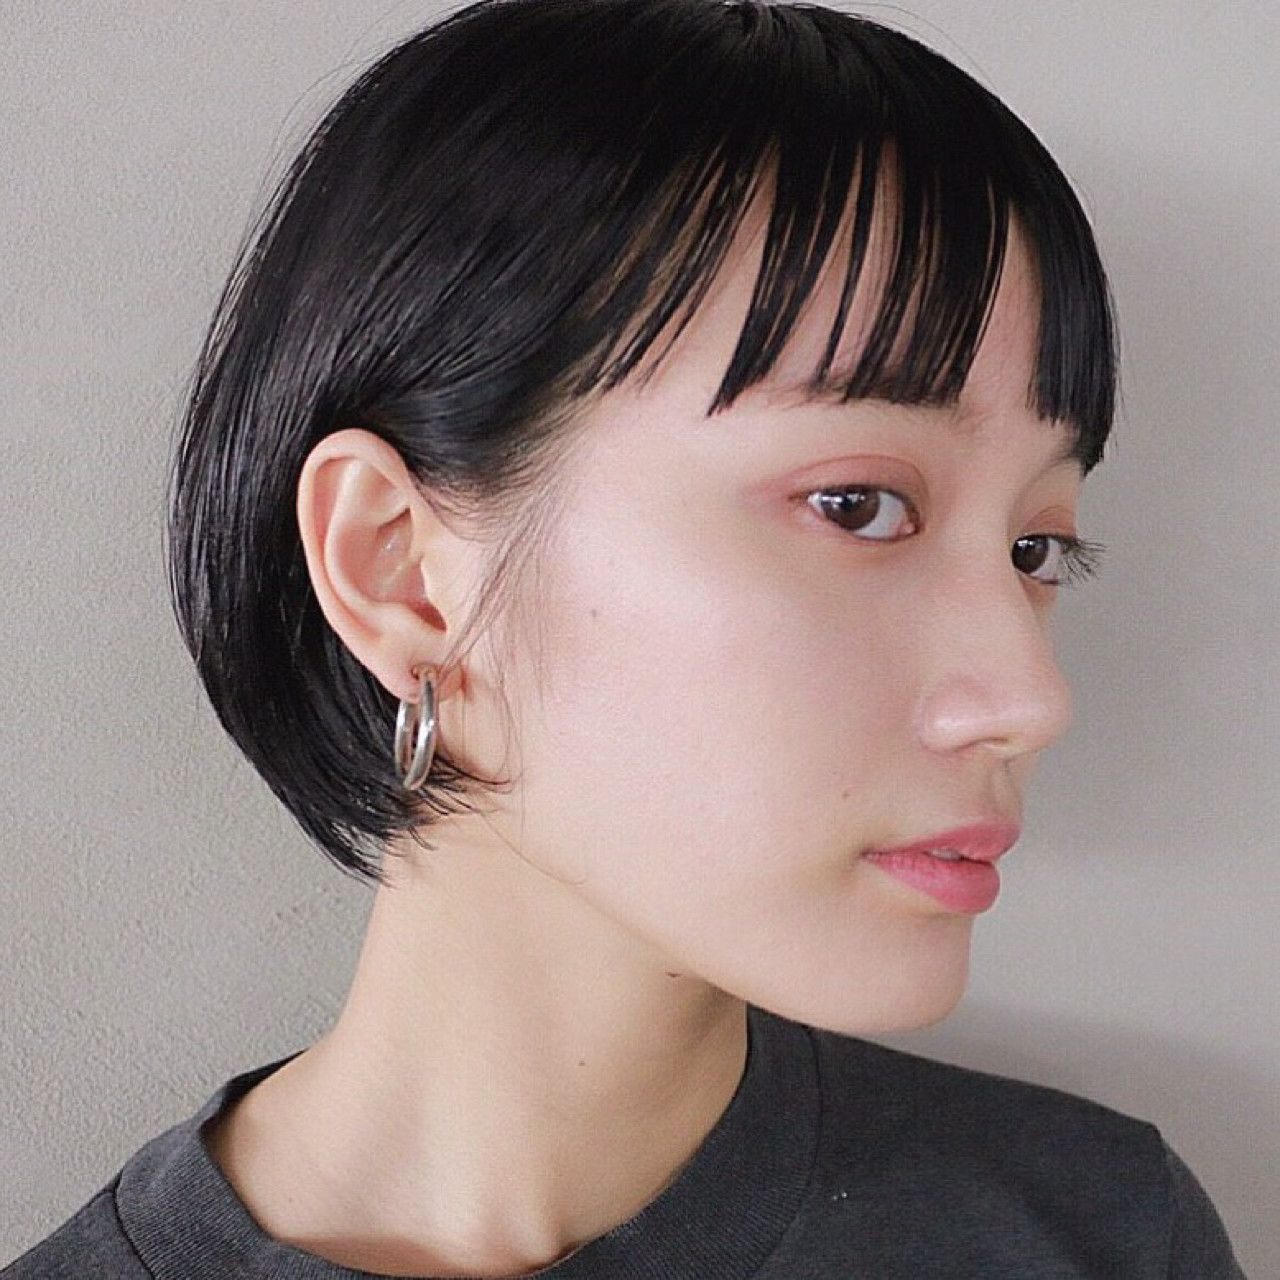 伸ばしかけショートは前髪で変化を 短い髪のためのヘアスタイル